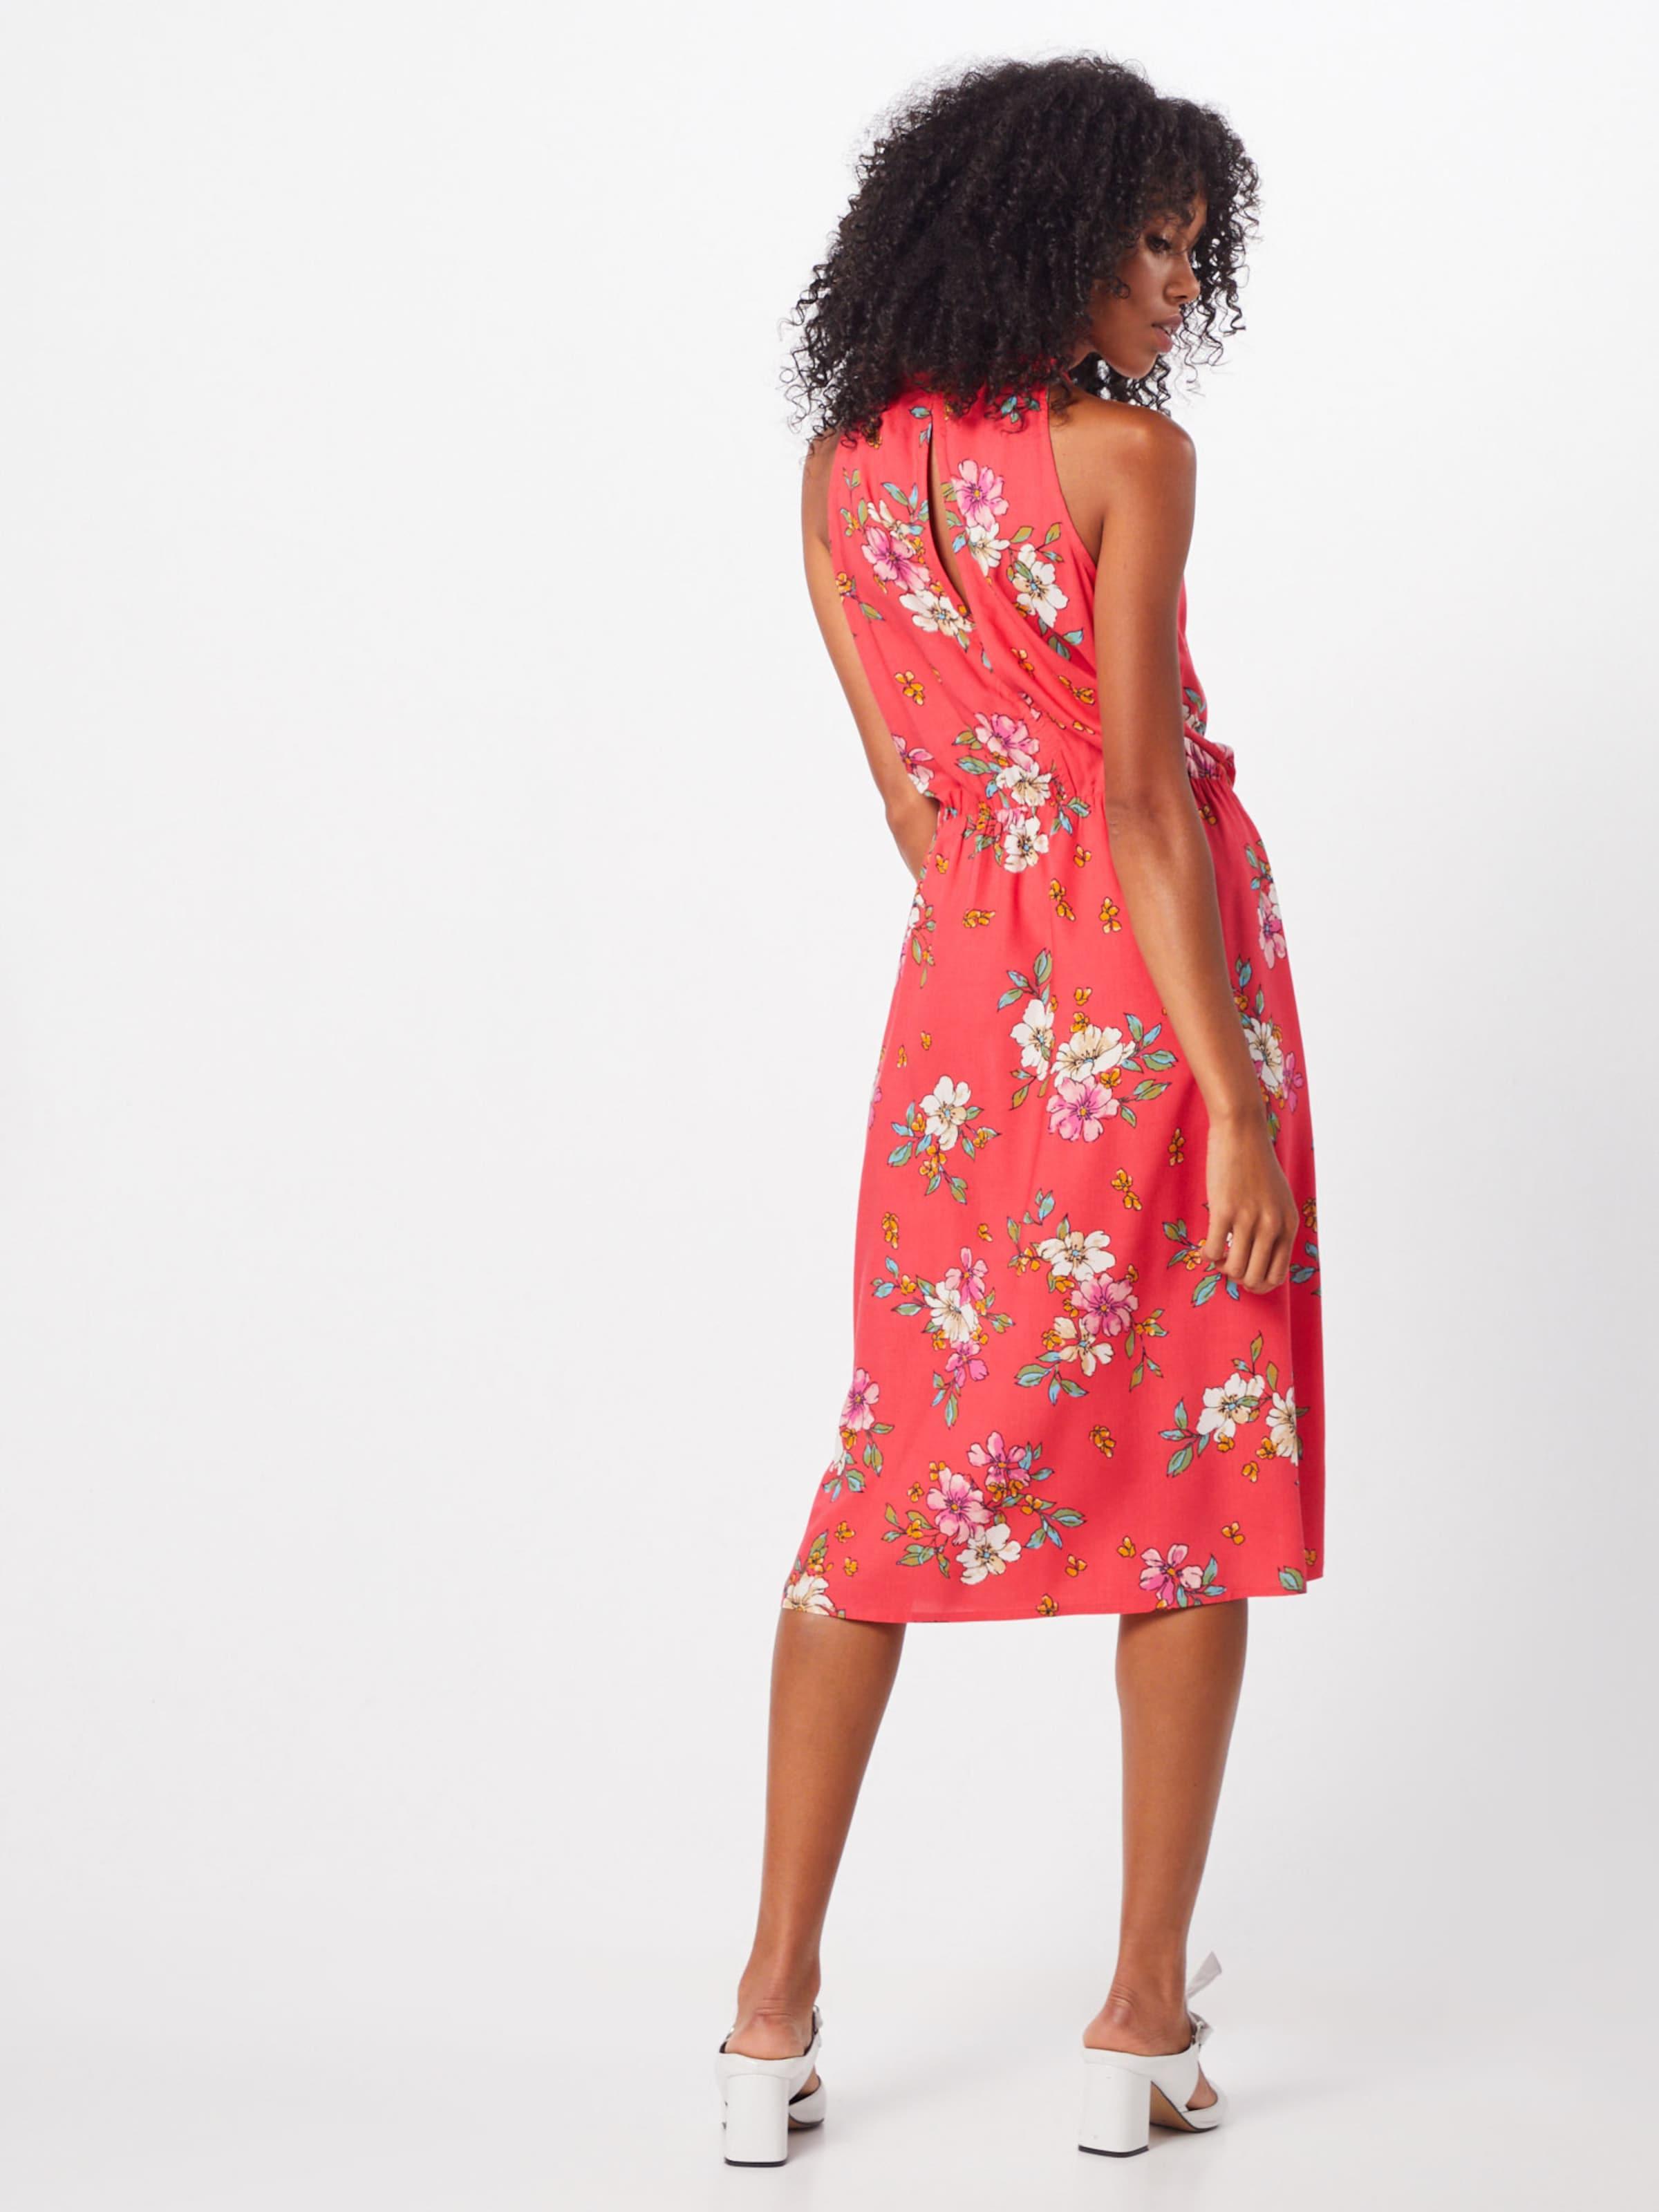 D'été Yong S l De 'jdytrick En RoseRouge Treats Robe Dress' Jacqueline WbDIeH9YE2